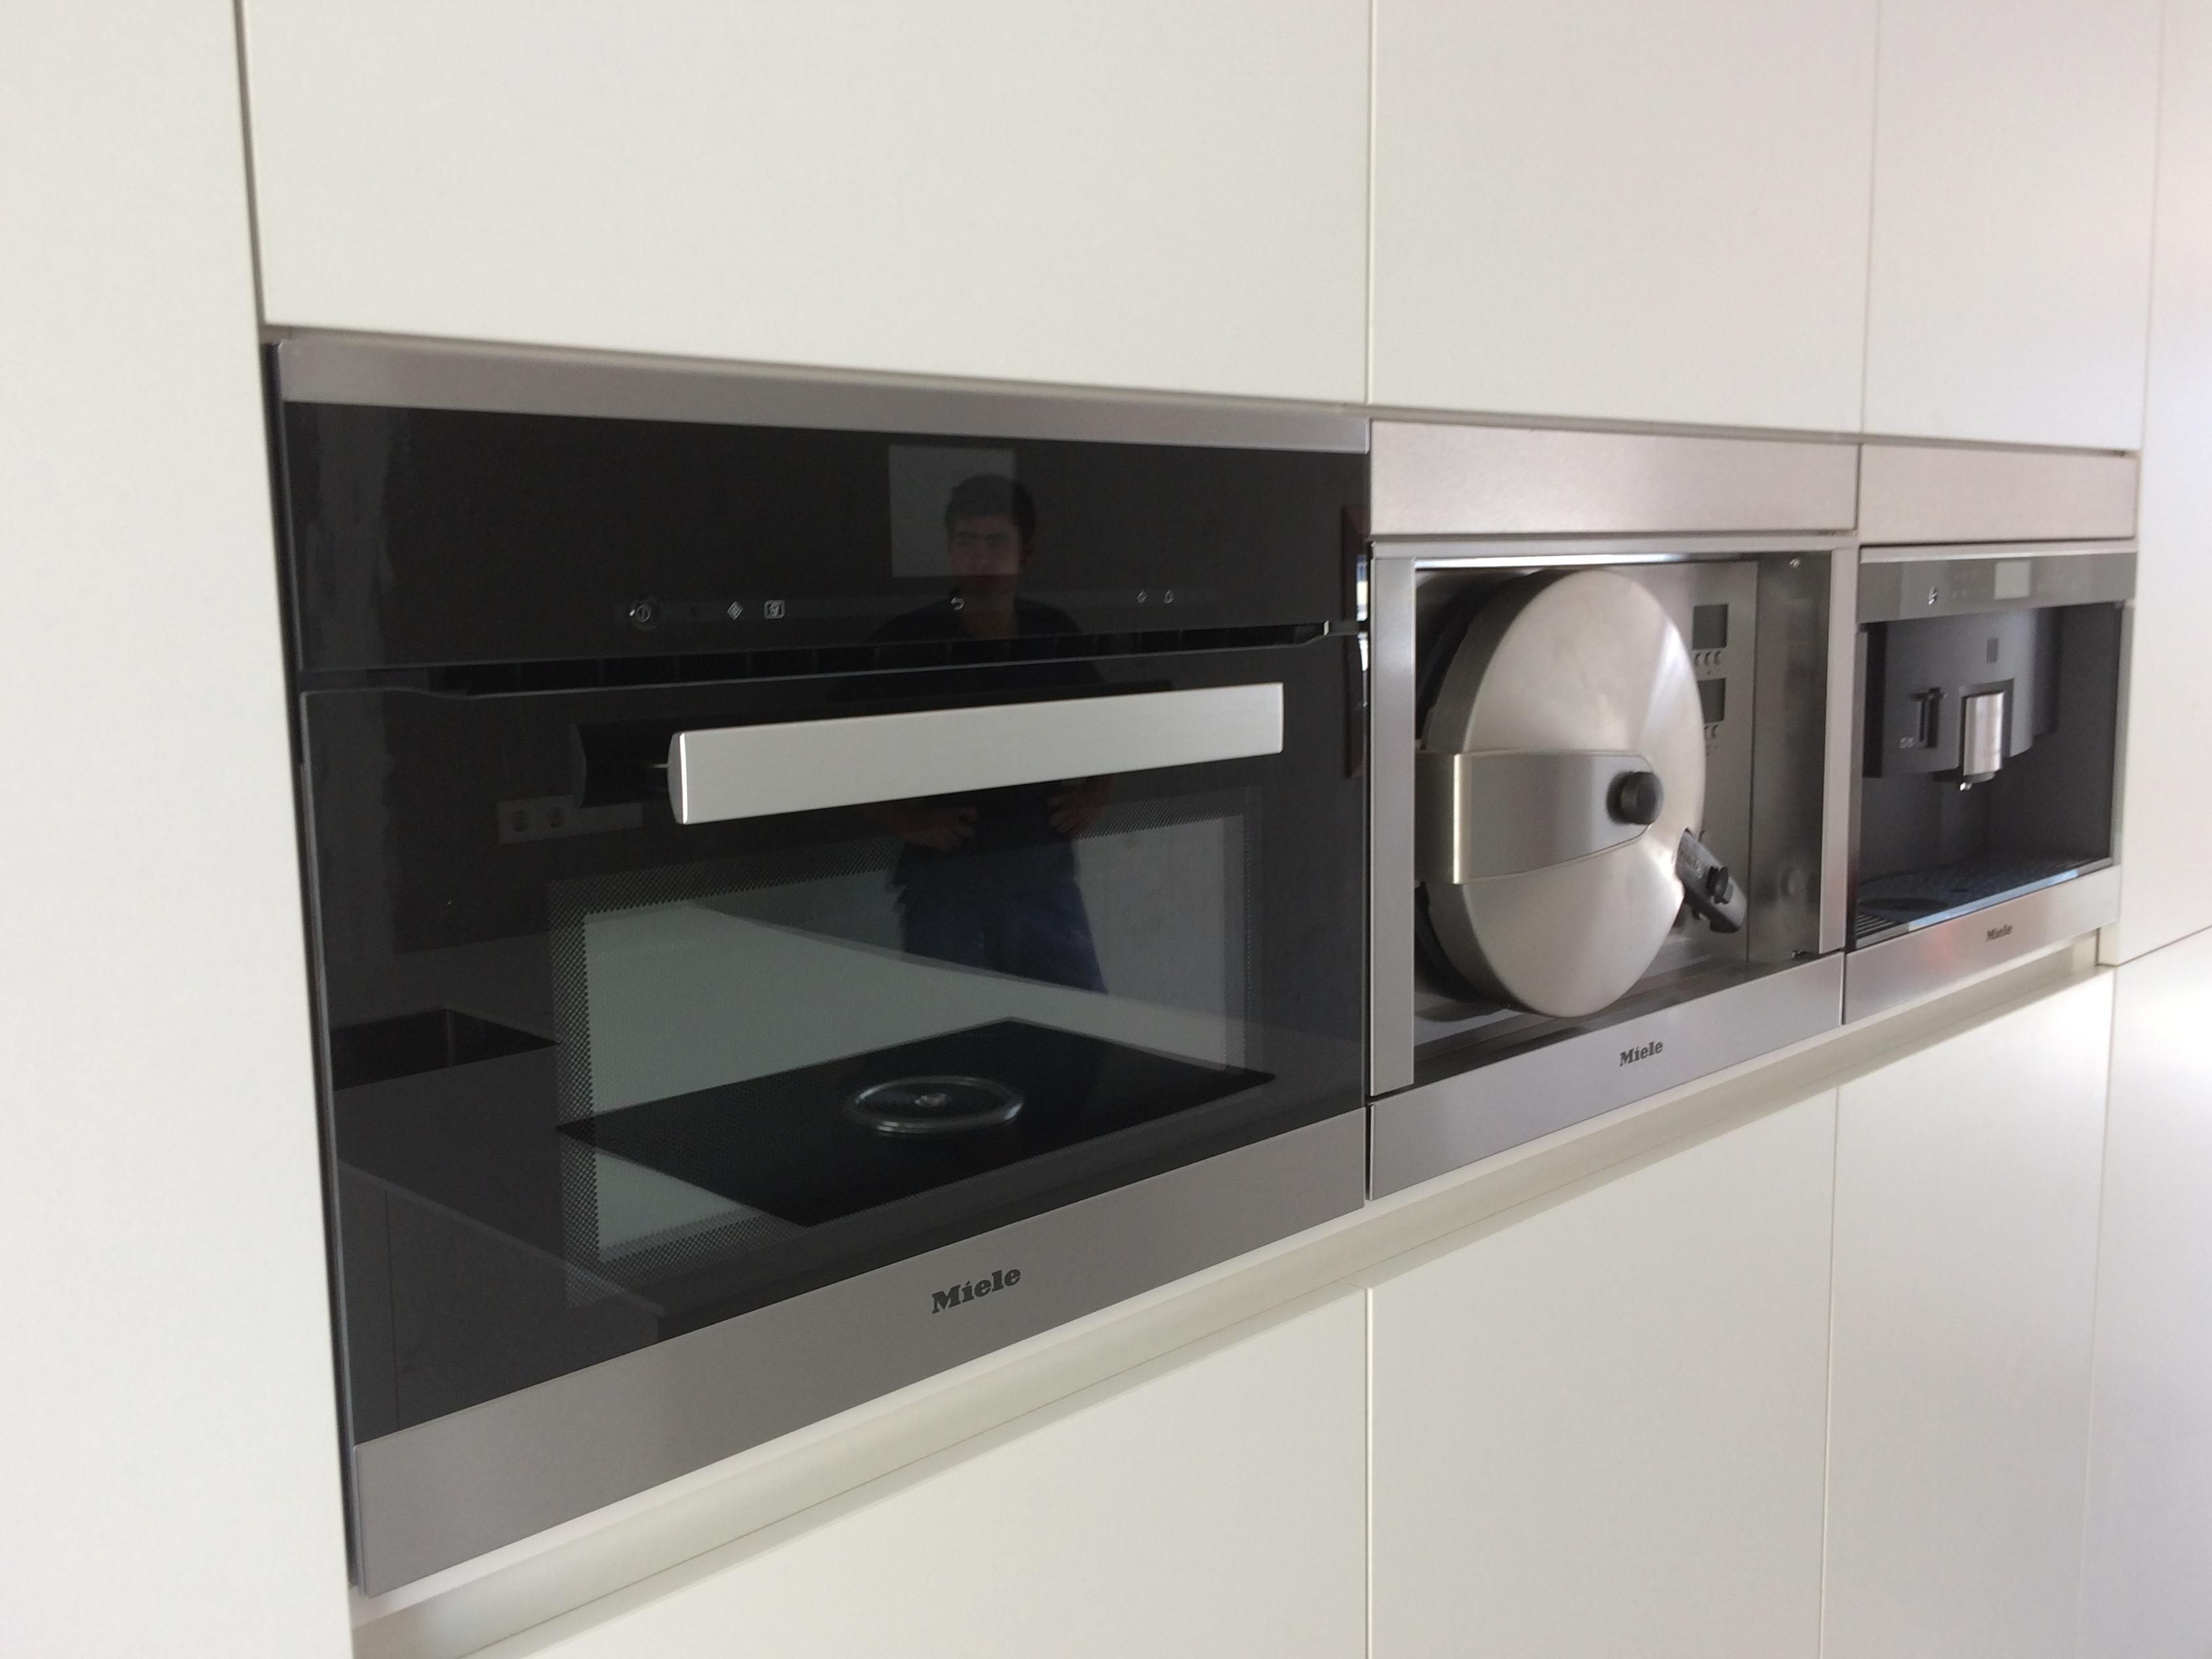 inbouw-apparatuur-kast-achter-keuken-1